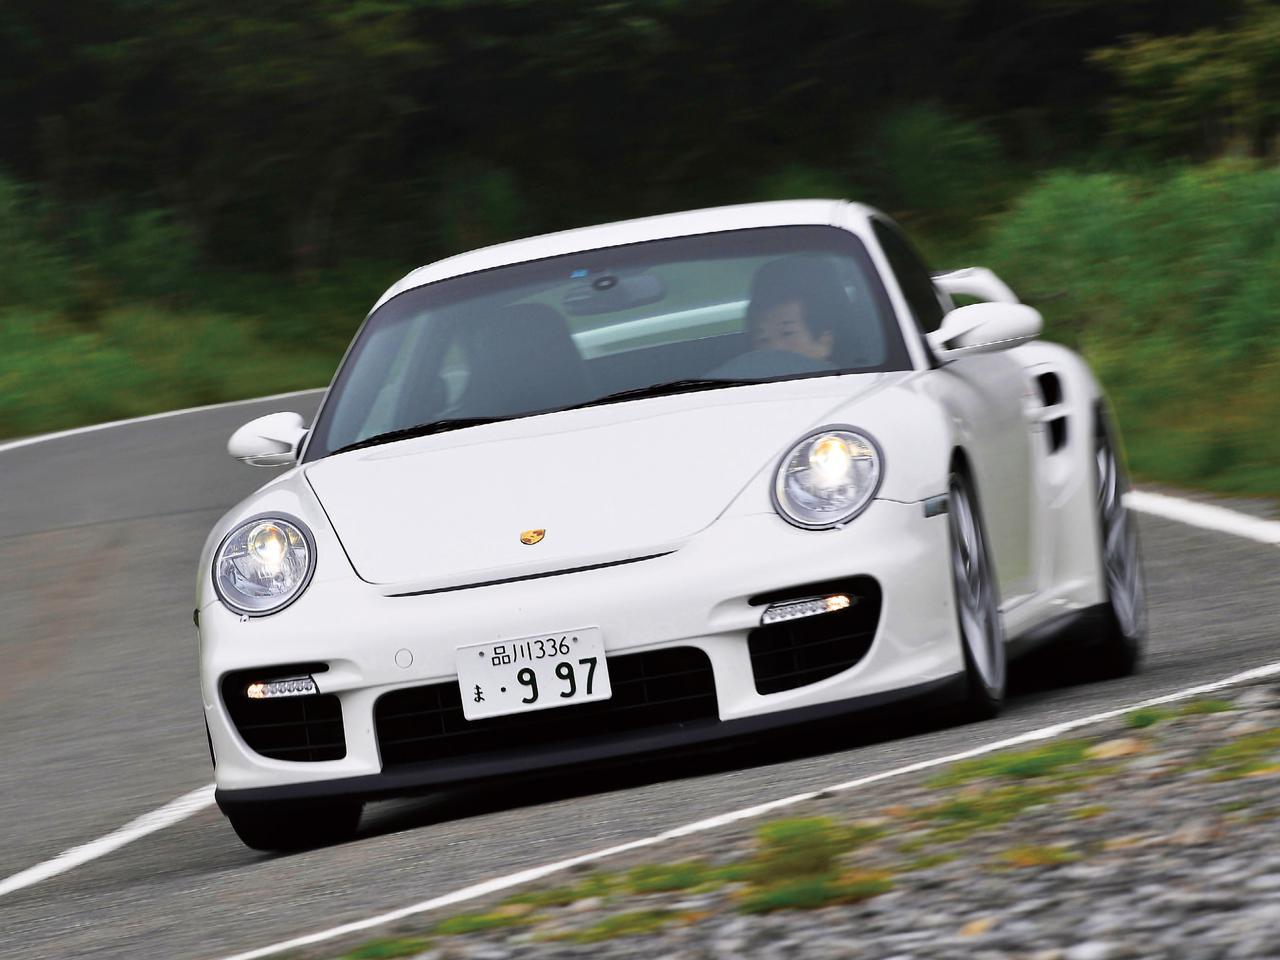 【試乗】997型 911 GT2はポルシェのスポーツカーの頂点に立つべく誕生したモデルだった【10年ひと昔の新車試乗記】